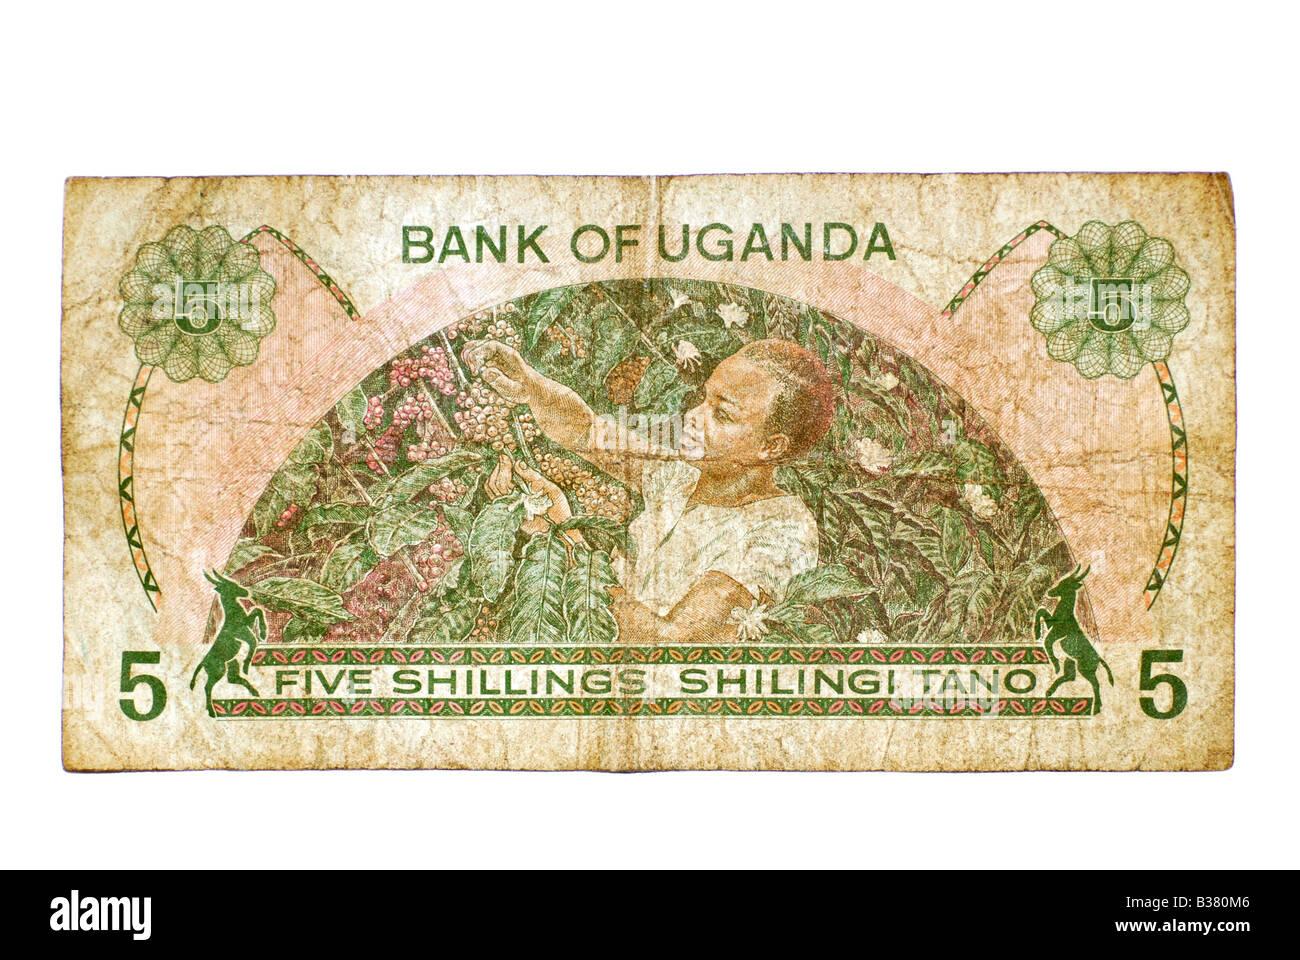 Utilizzate la Nota Banca, Uganda 5 scellini, East Africa valuta dal 1982 Immagini Stock